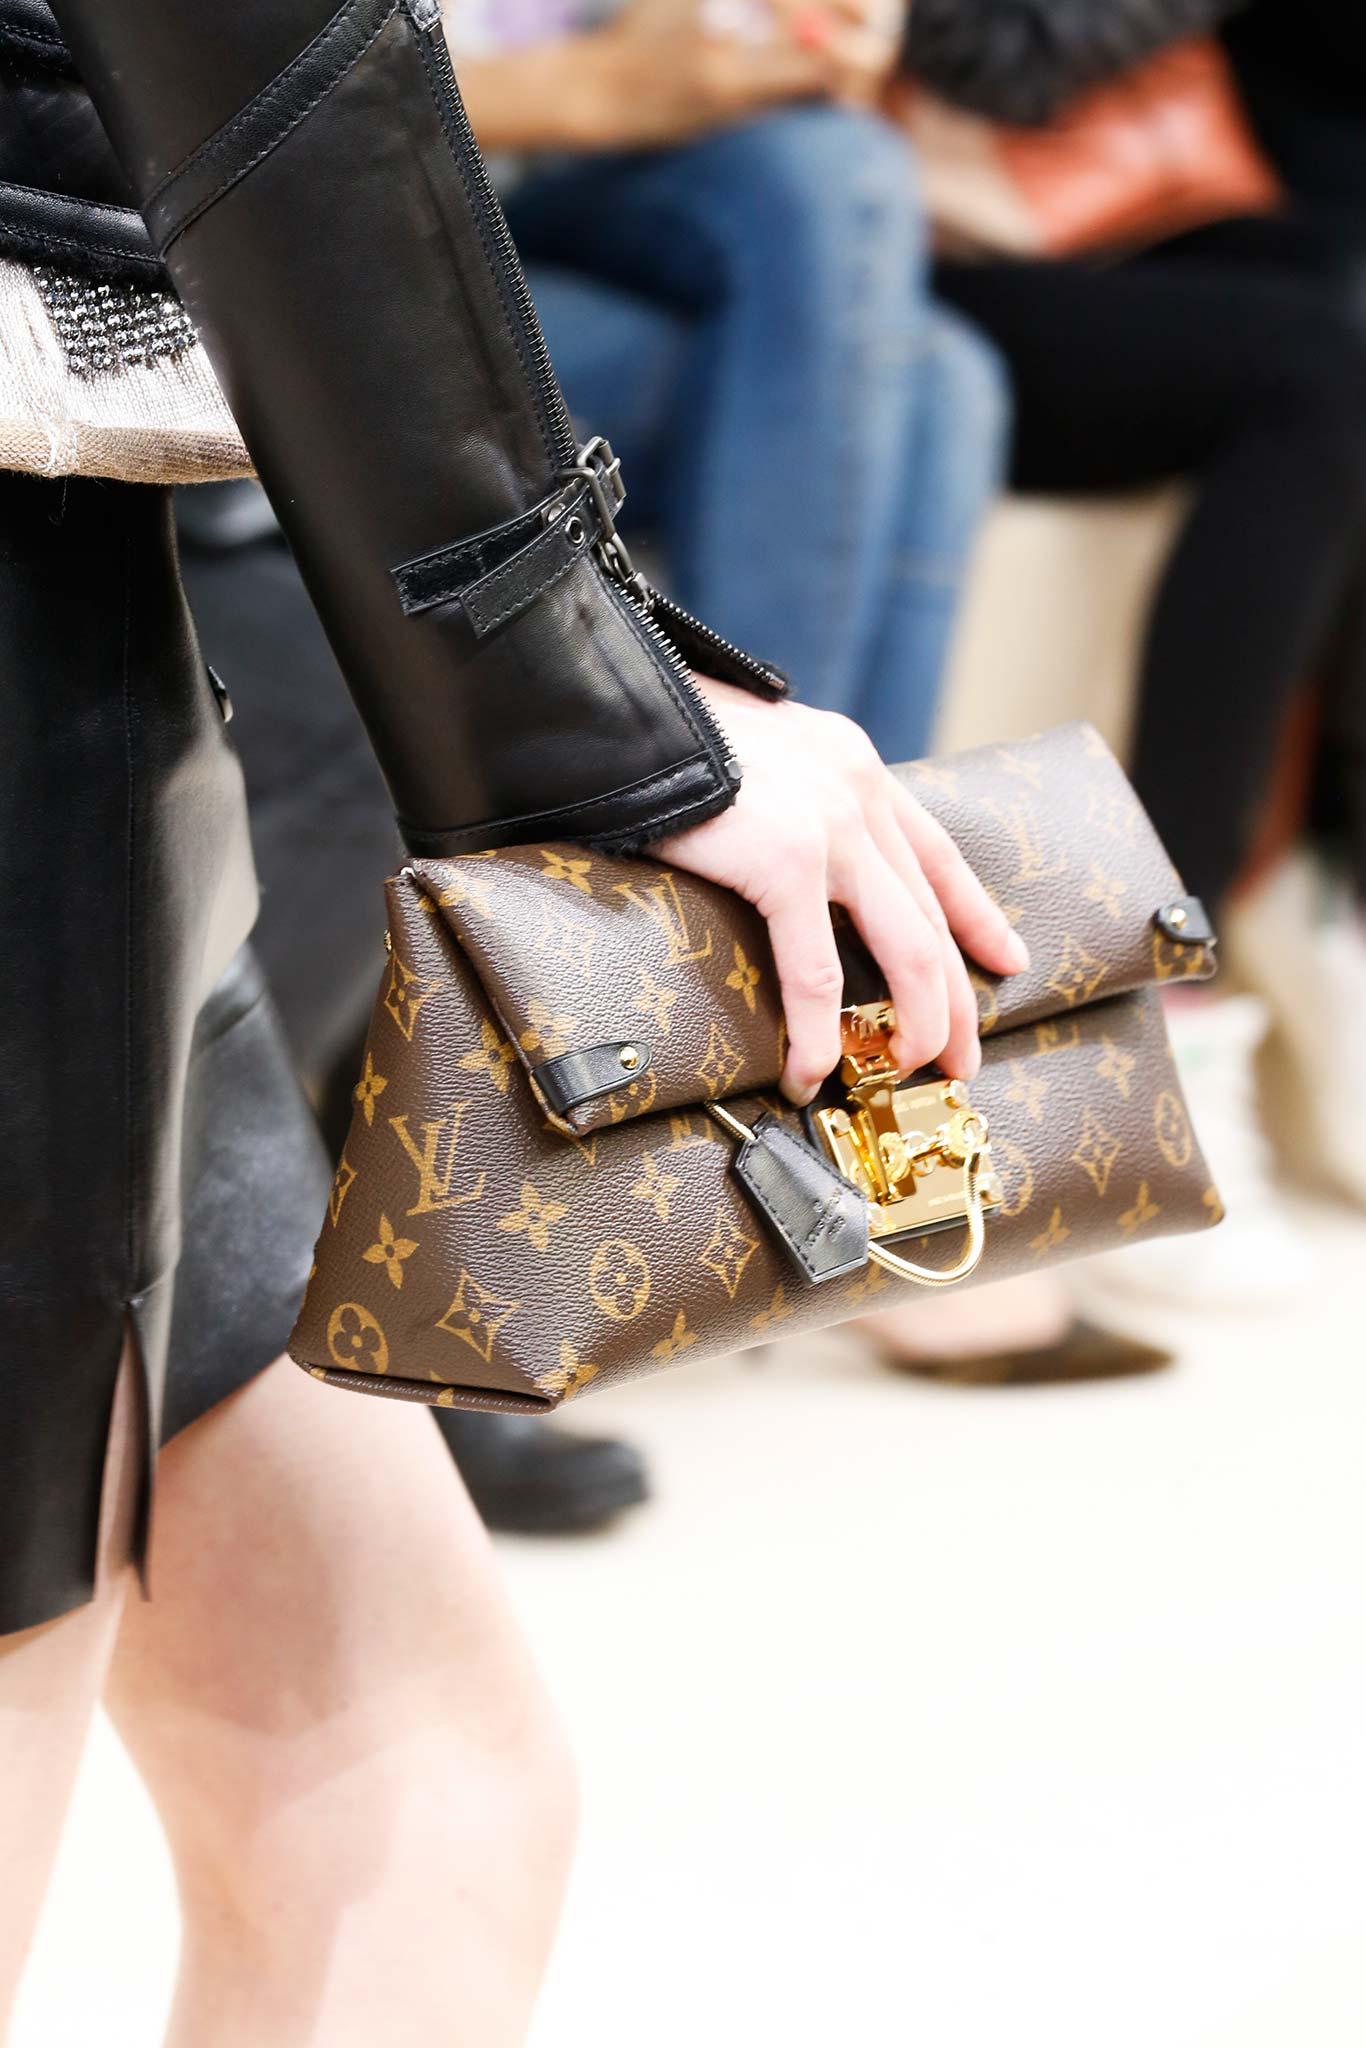 Sac Louis Vuitton Noir 2016